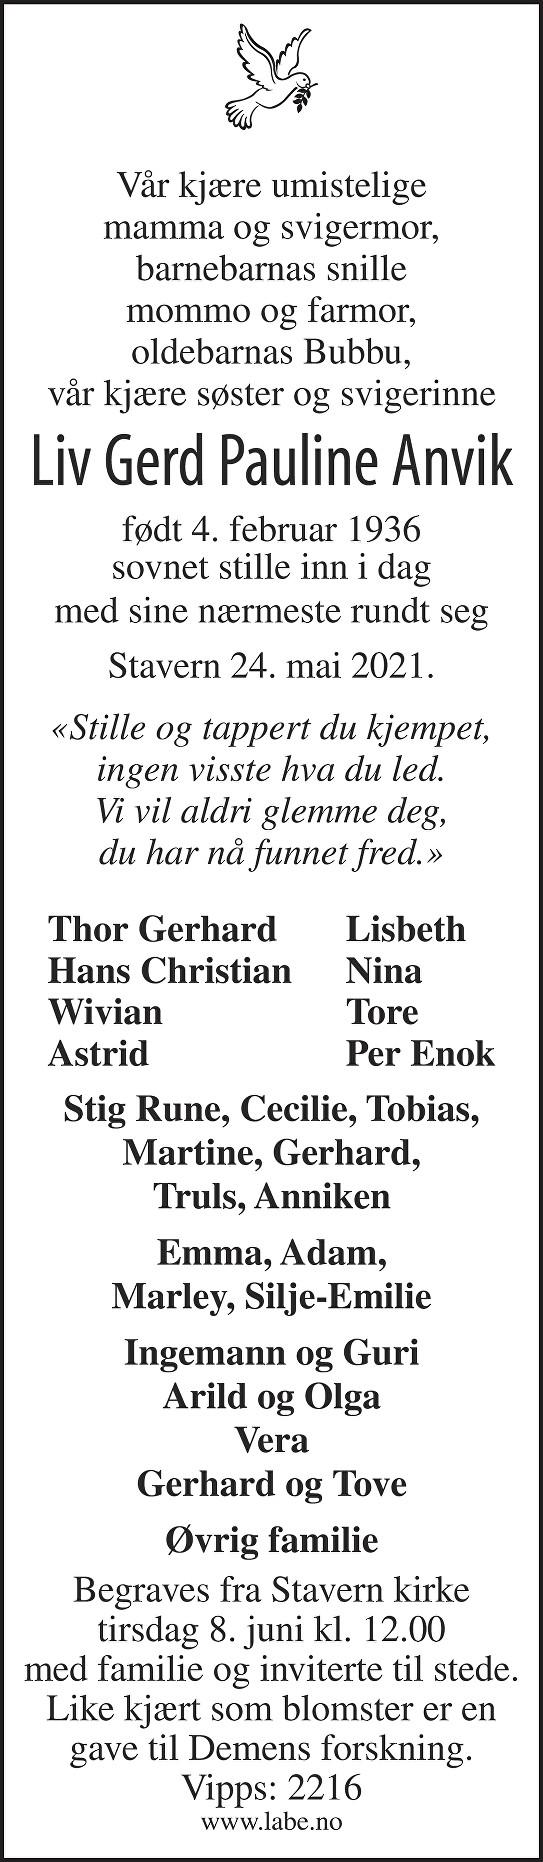 Liv Gerd Pauline Anvik Dødsannonse